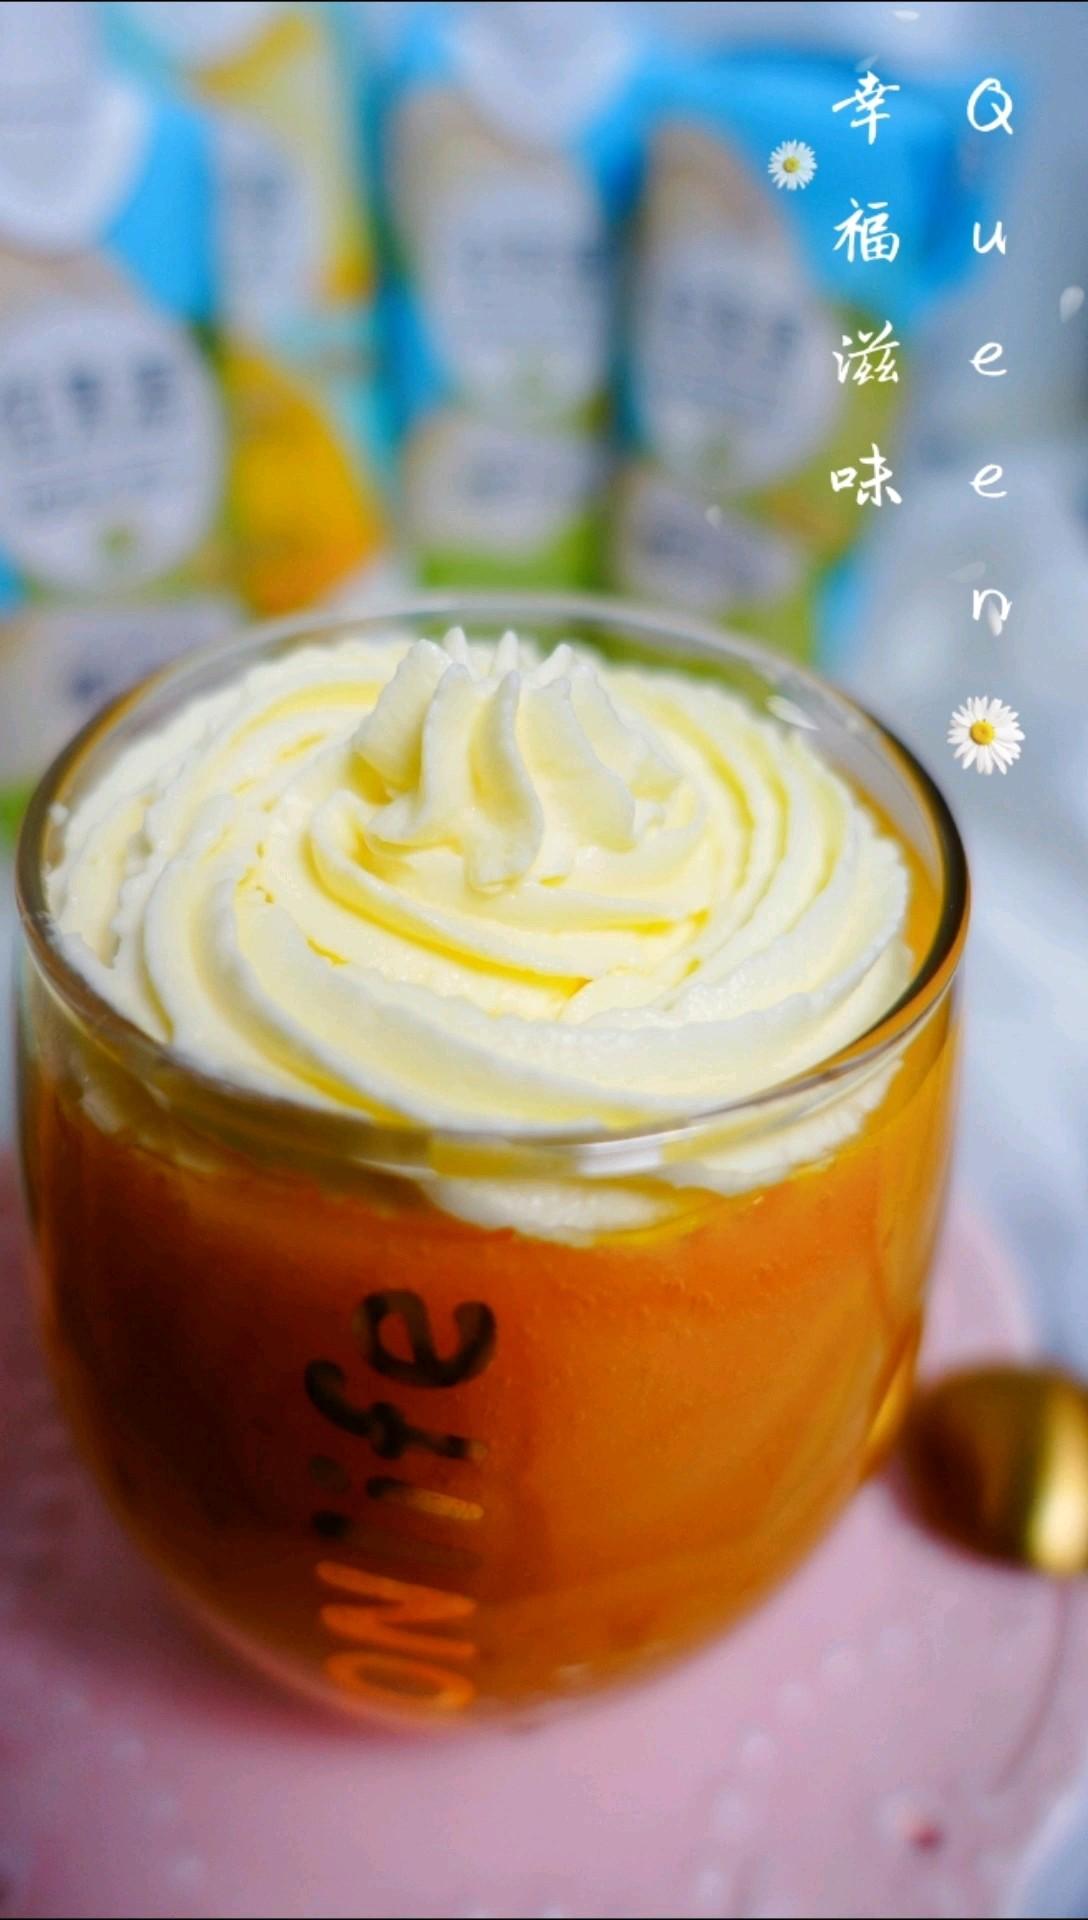 雪顶芒果菠萝汁